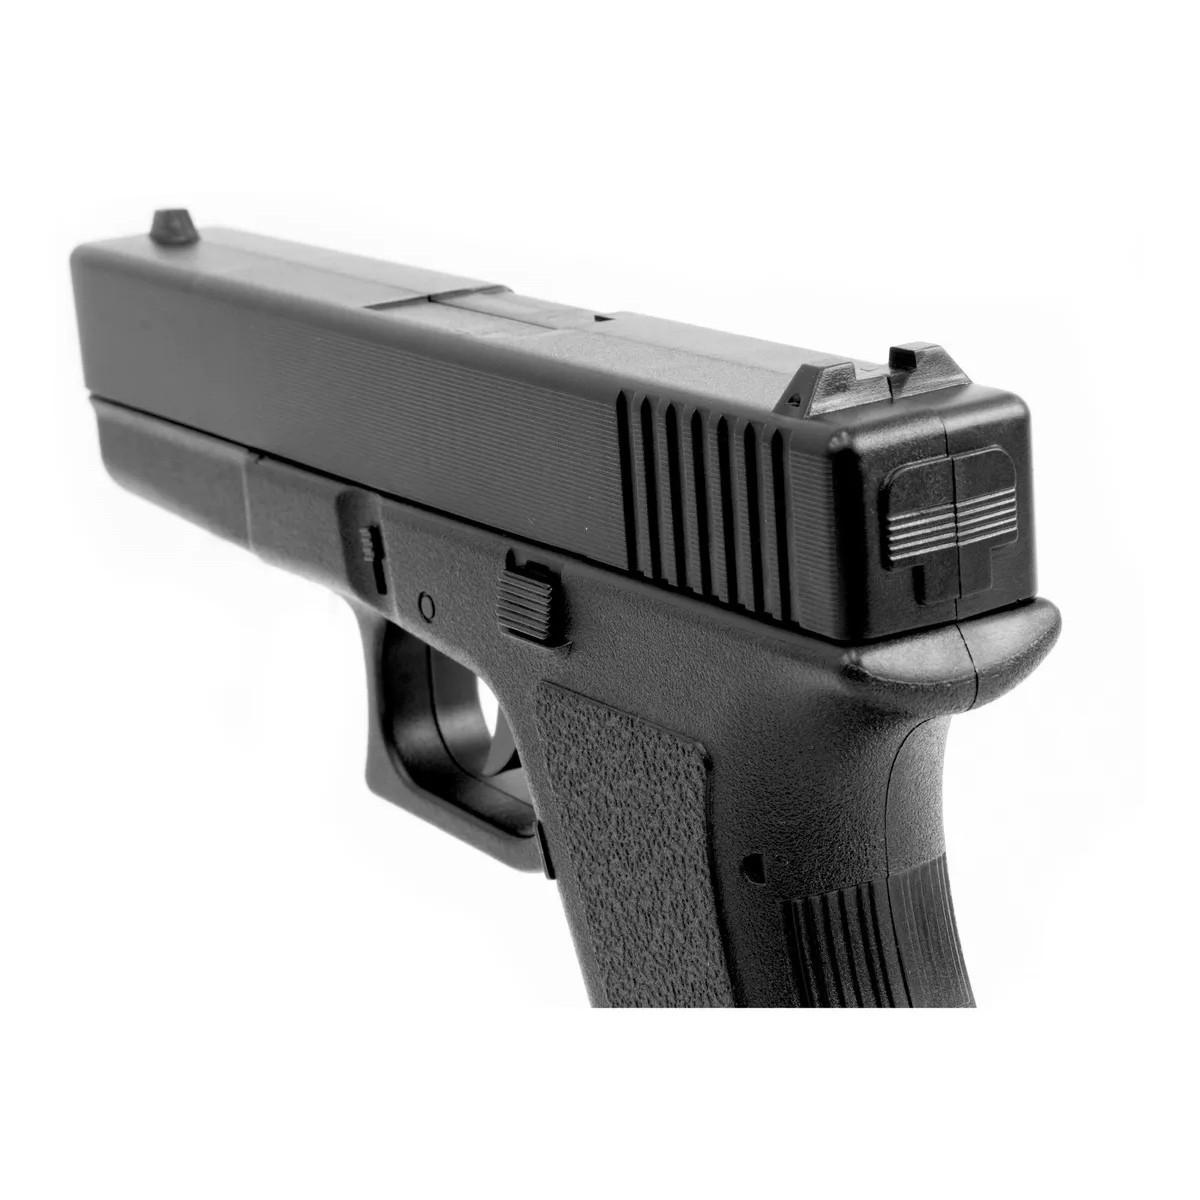 Airsoft Kit Pistola E Rifle M4a1 E Glock V307 Mola 6mm Kit 4